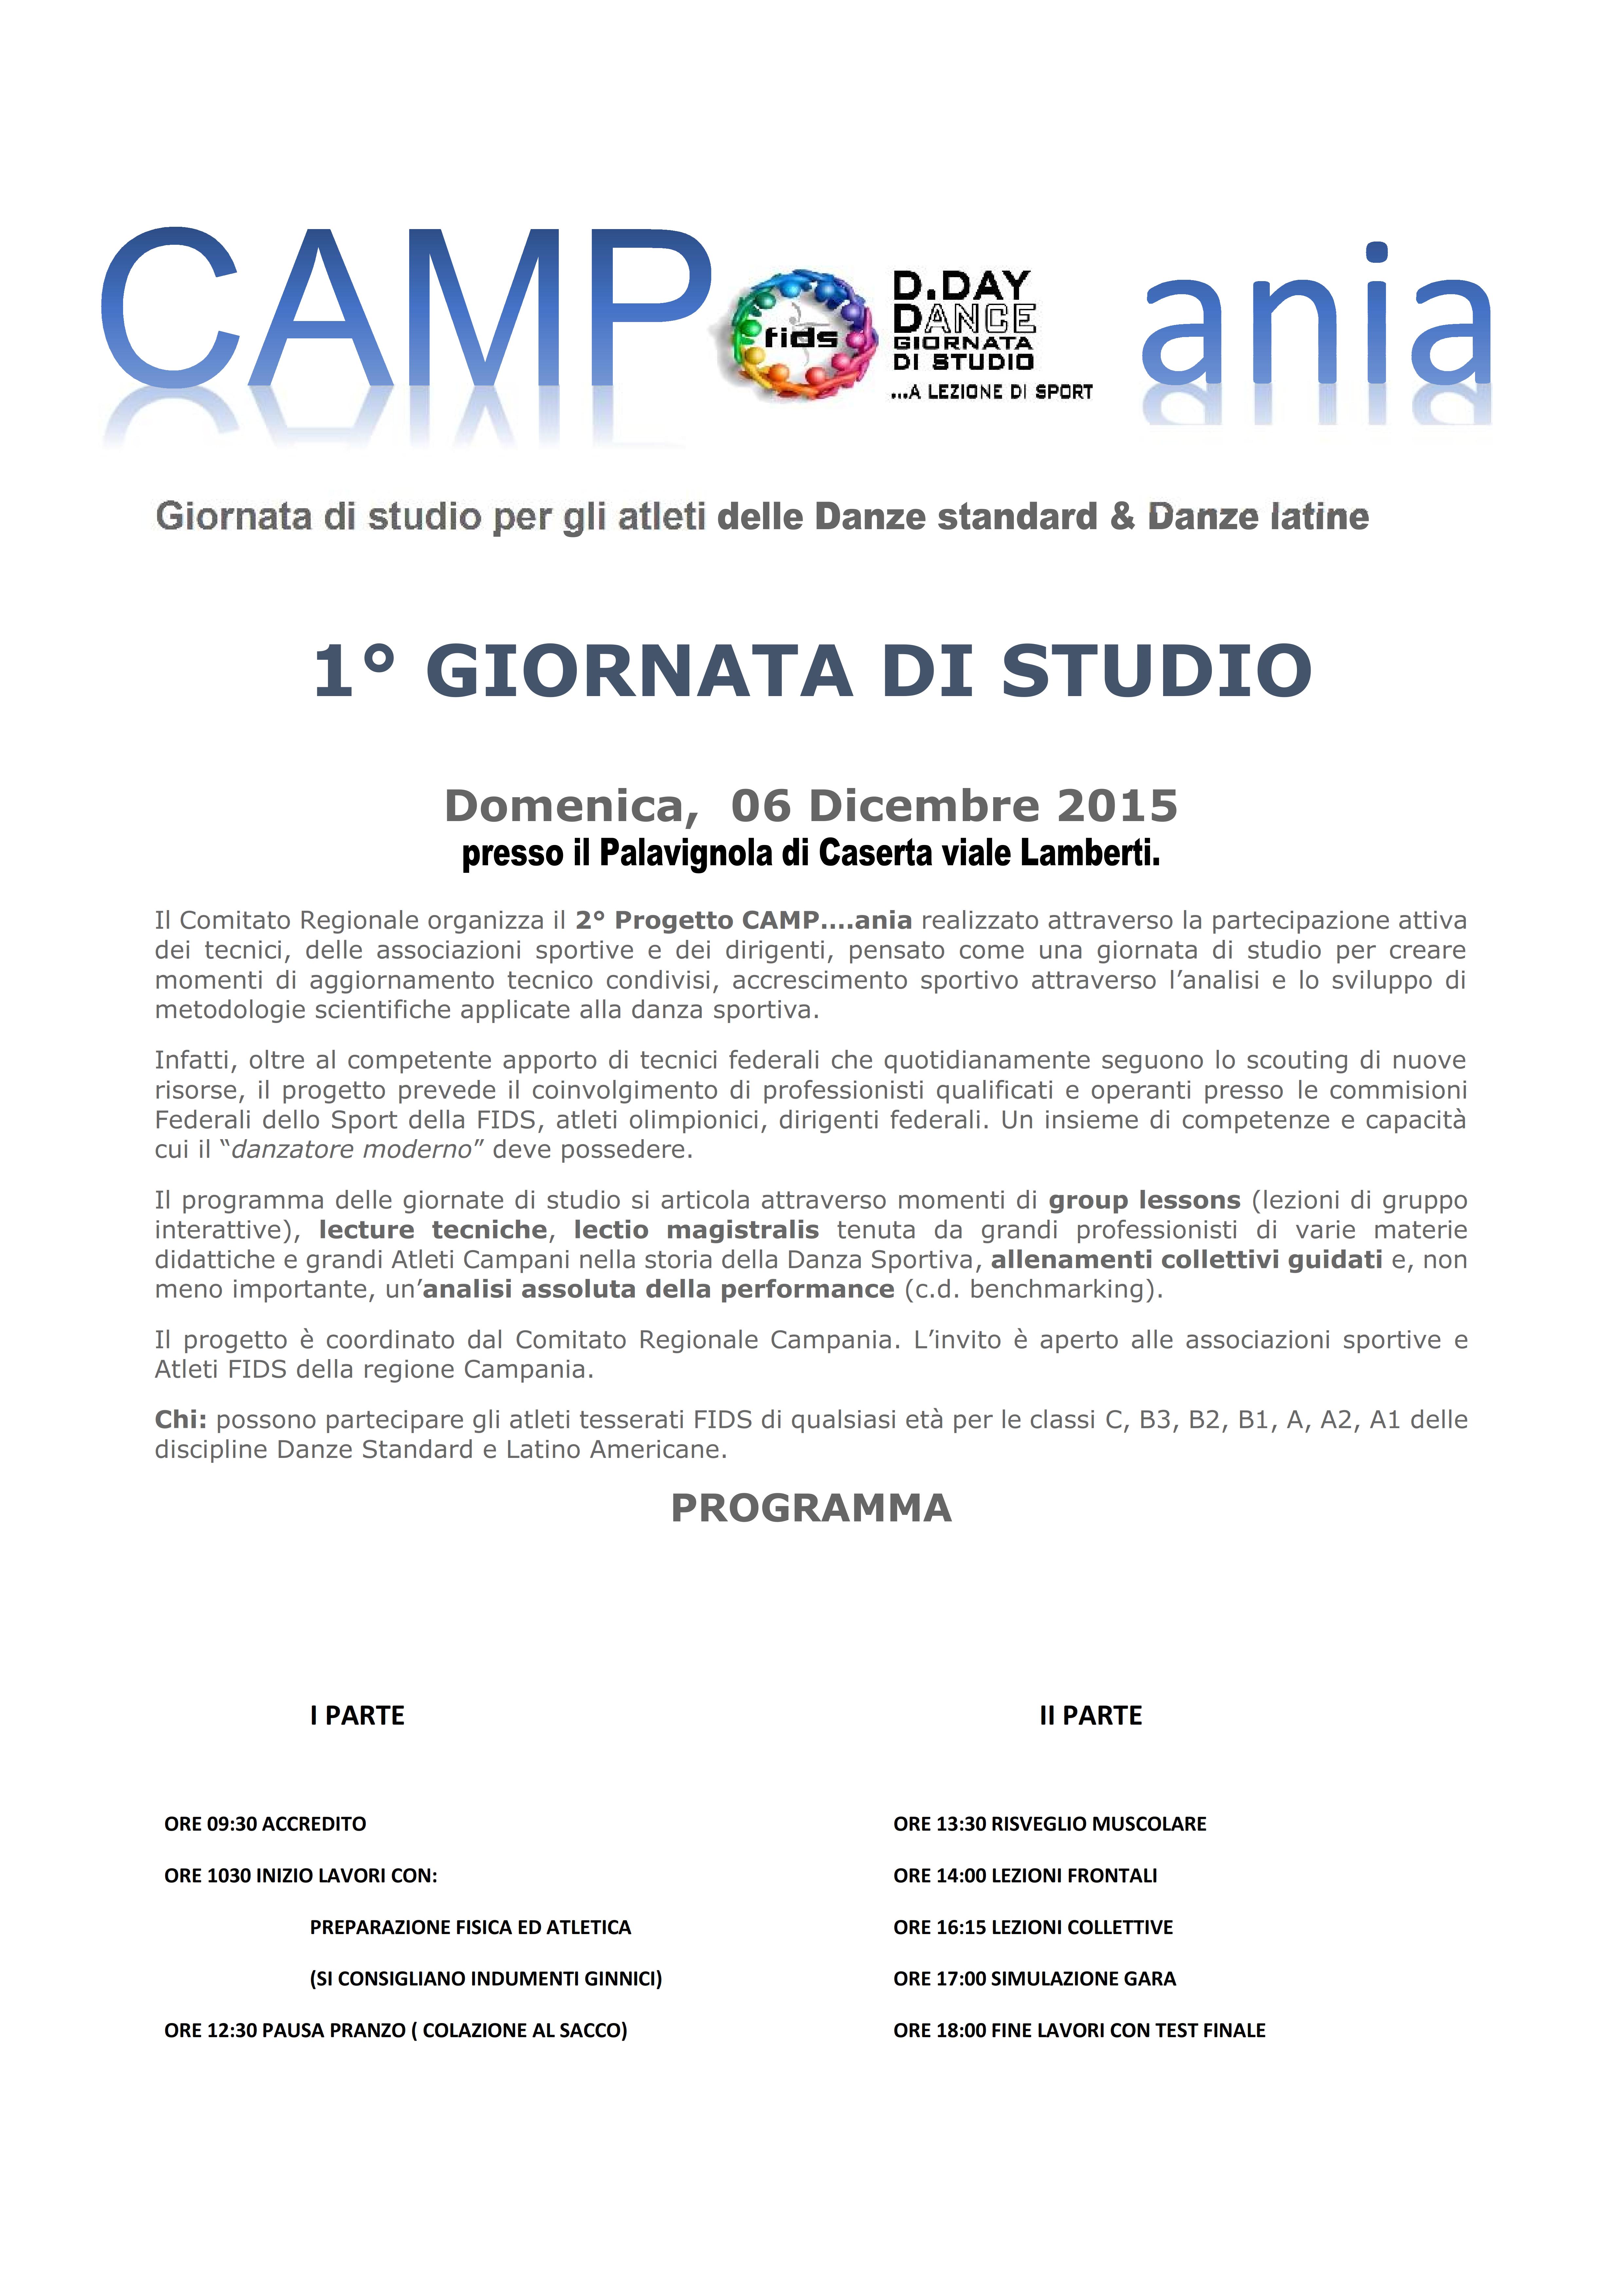 1 GIORNATA DI FORMAZIONE E STUDIO 6 dicembre 2015_001